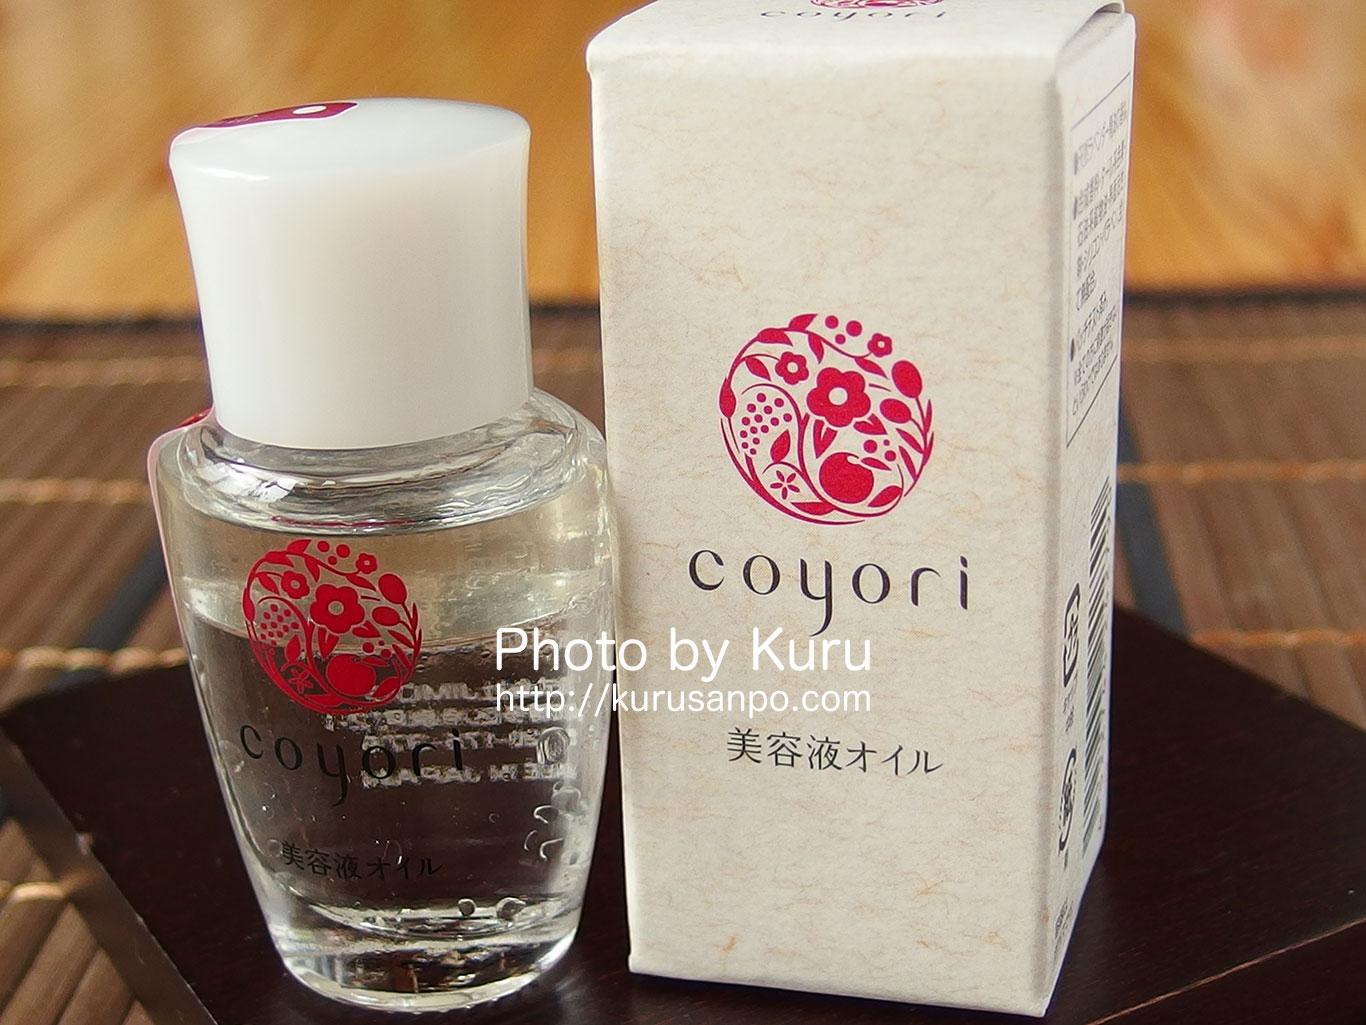 年齢肌の悩みには、coyori(こより)の『美容液オイル』で皮脂を補う♪